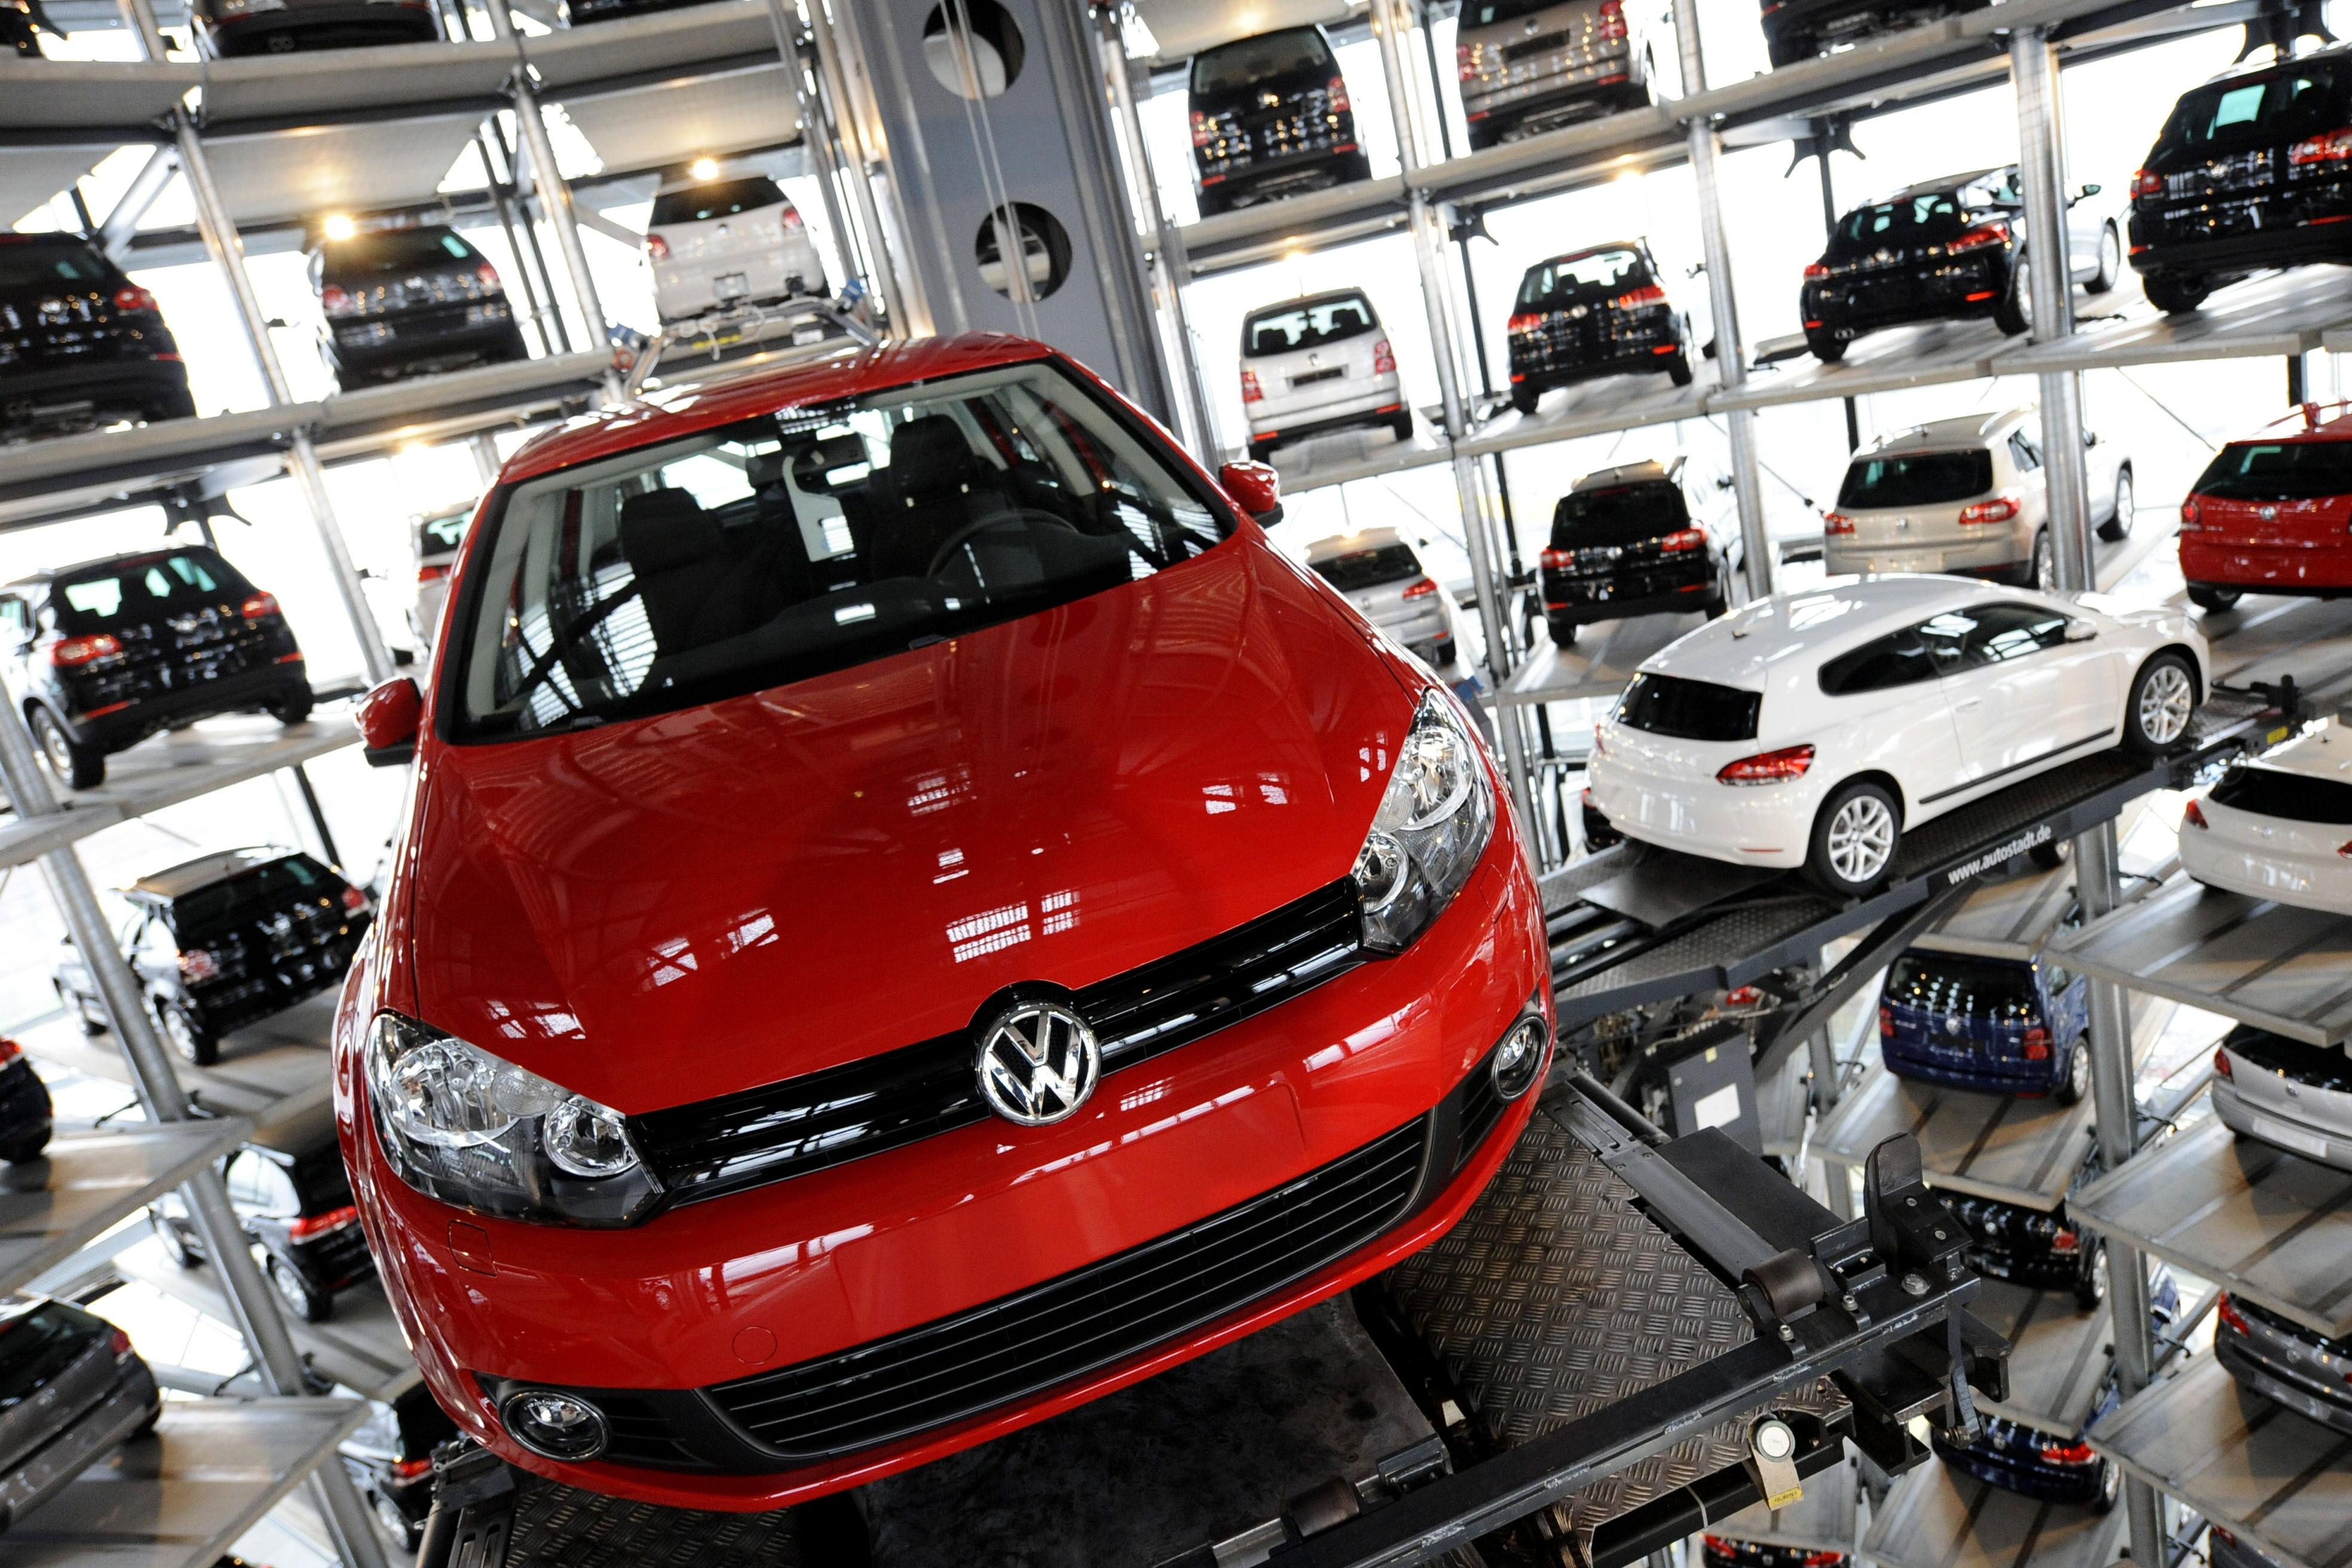 SCANDALUL emisiilor poluante: Grupul Volkswagen a primit o nouă AMENDĂ/ Reacţia companiei